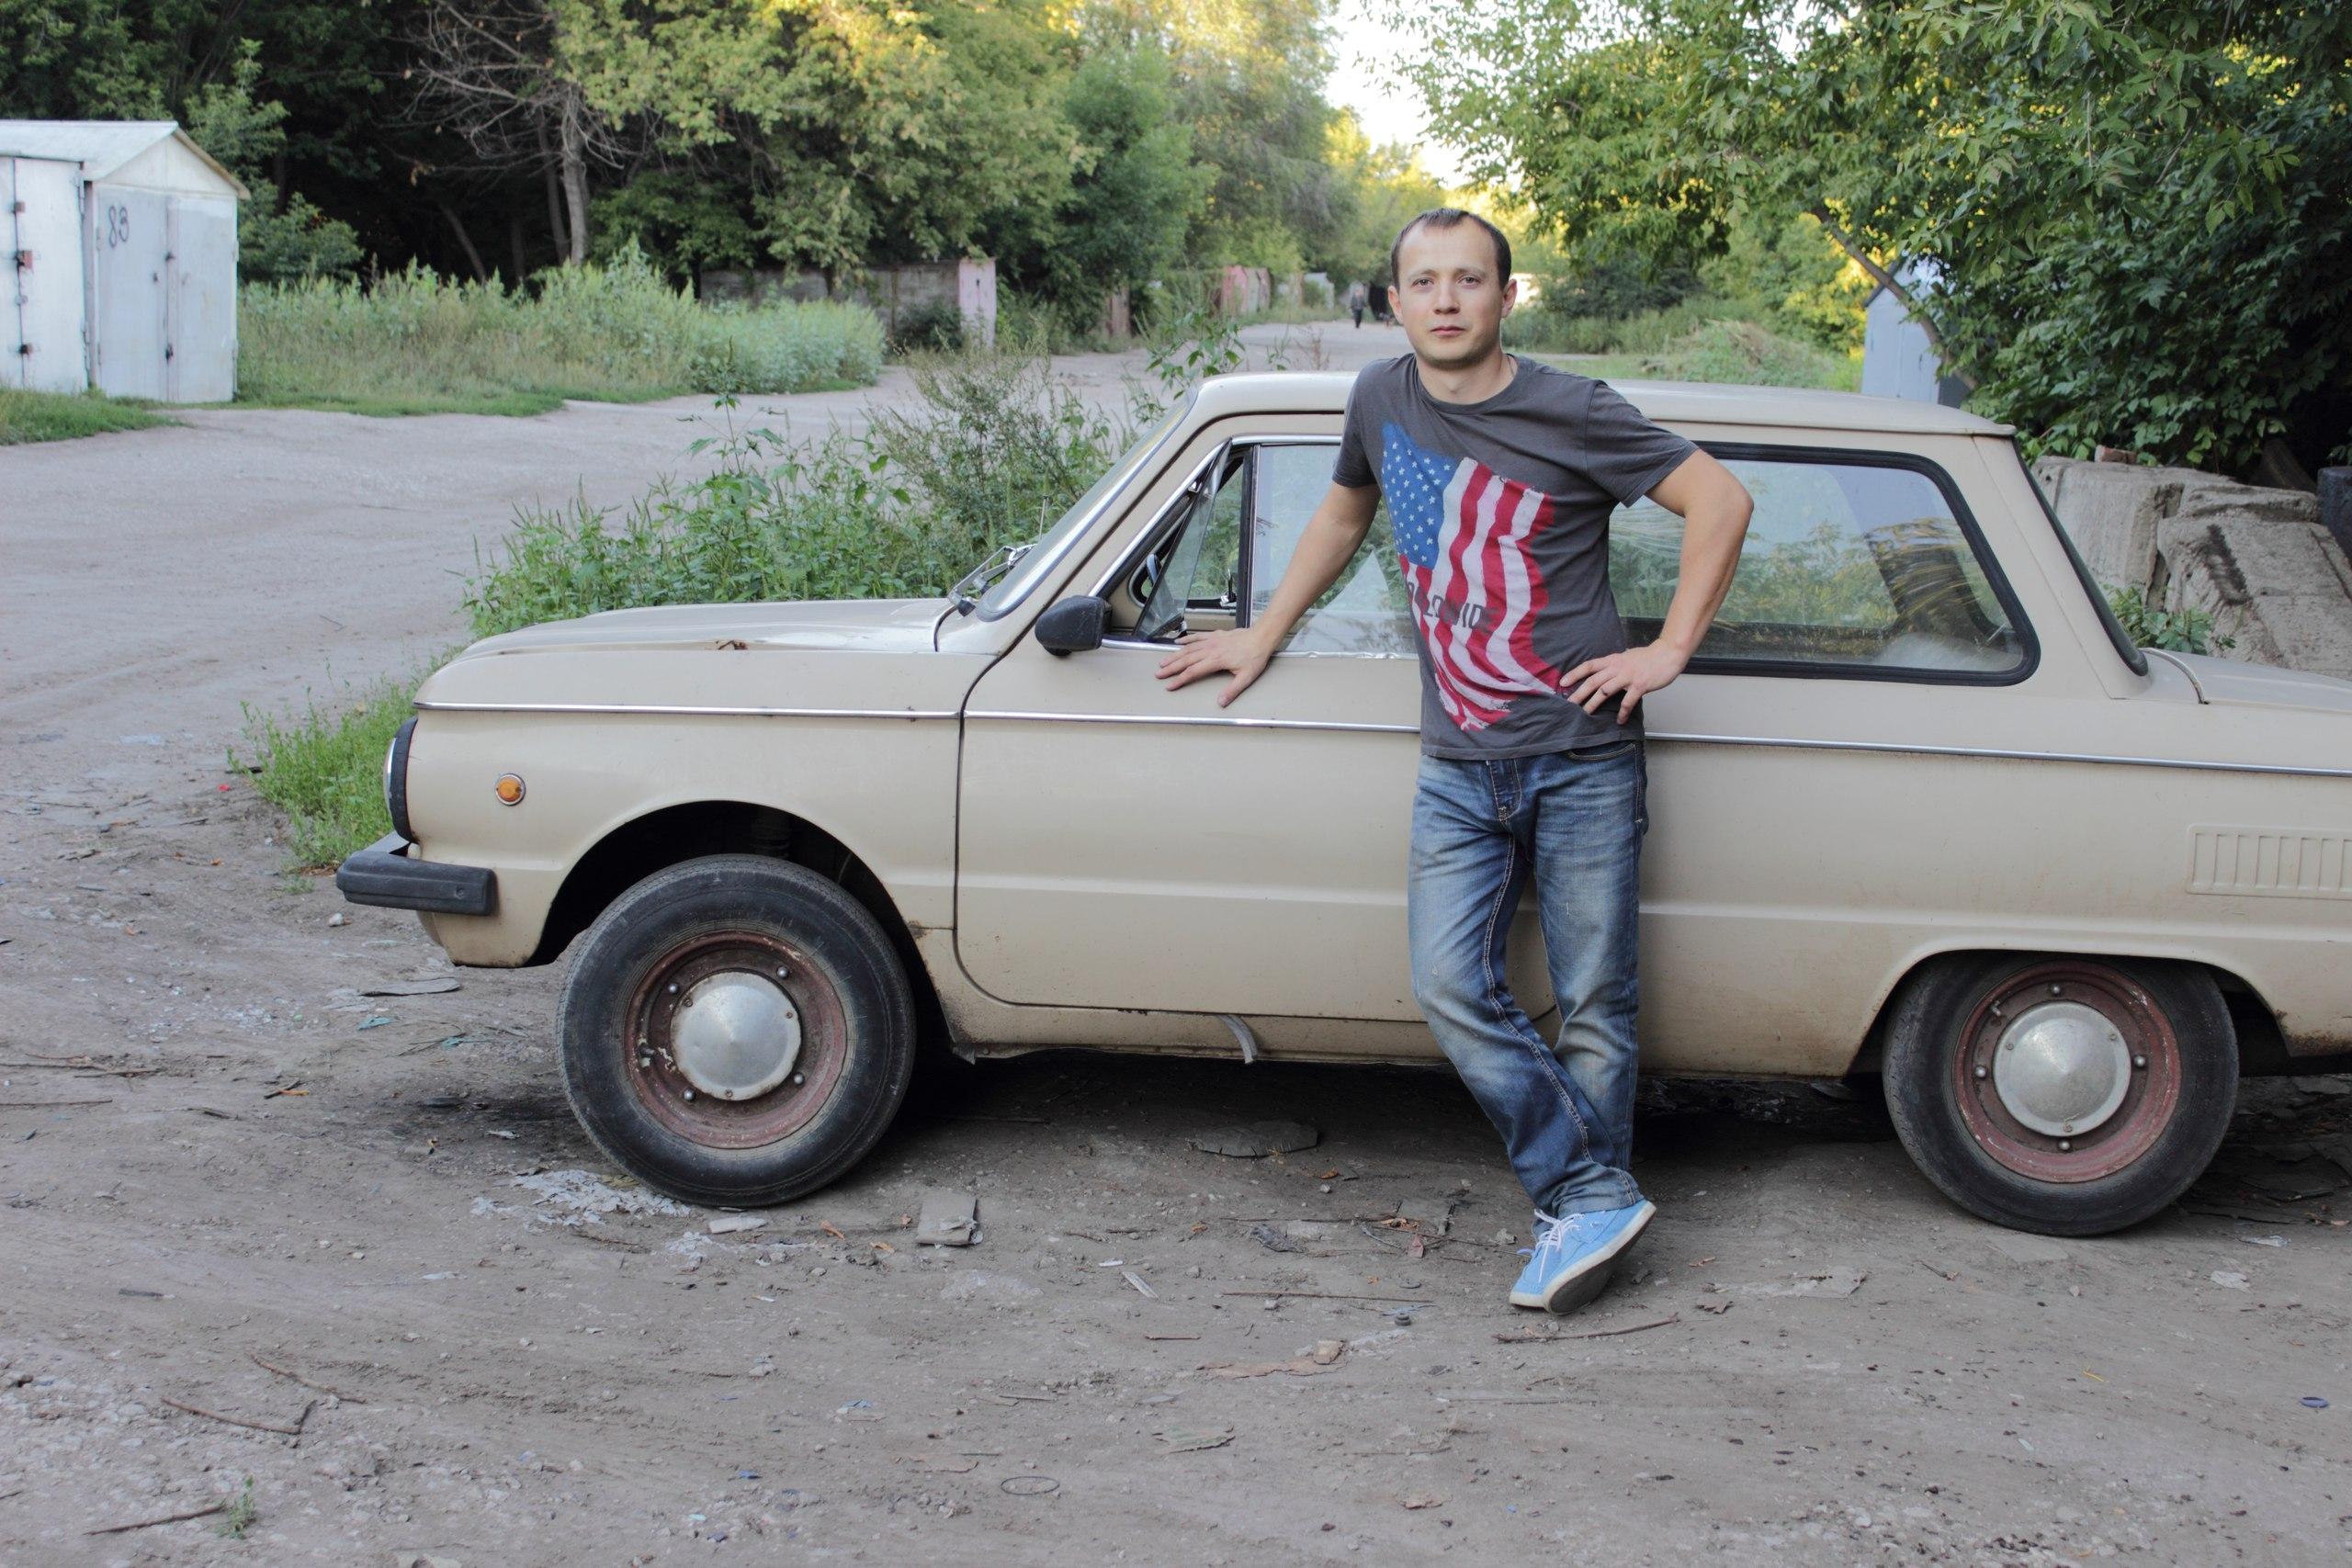 Андрей Водонаев: биография блогера